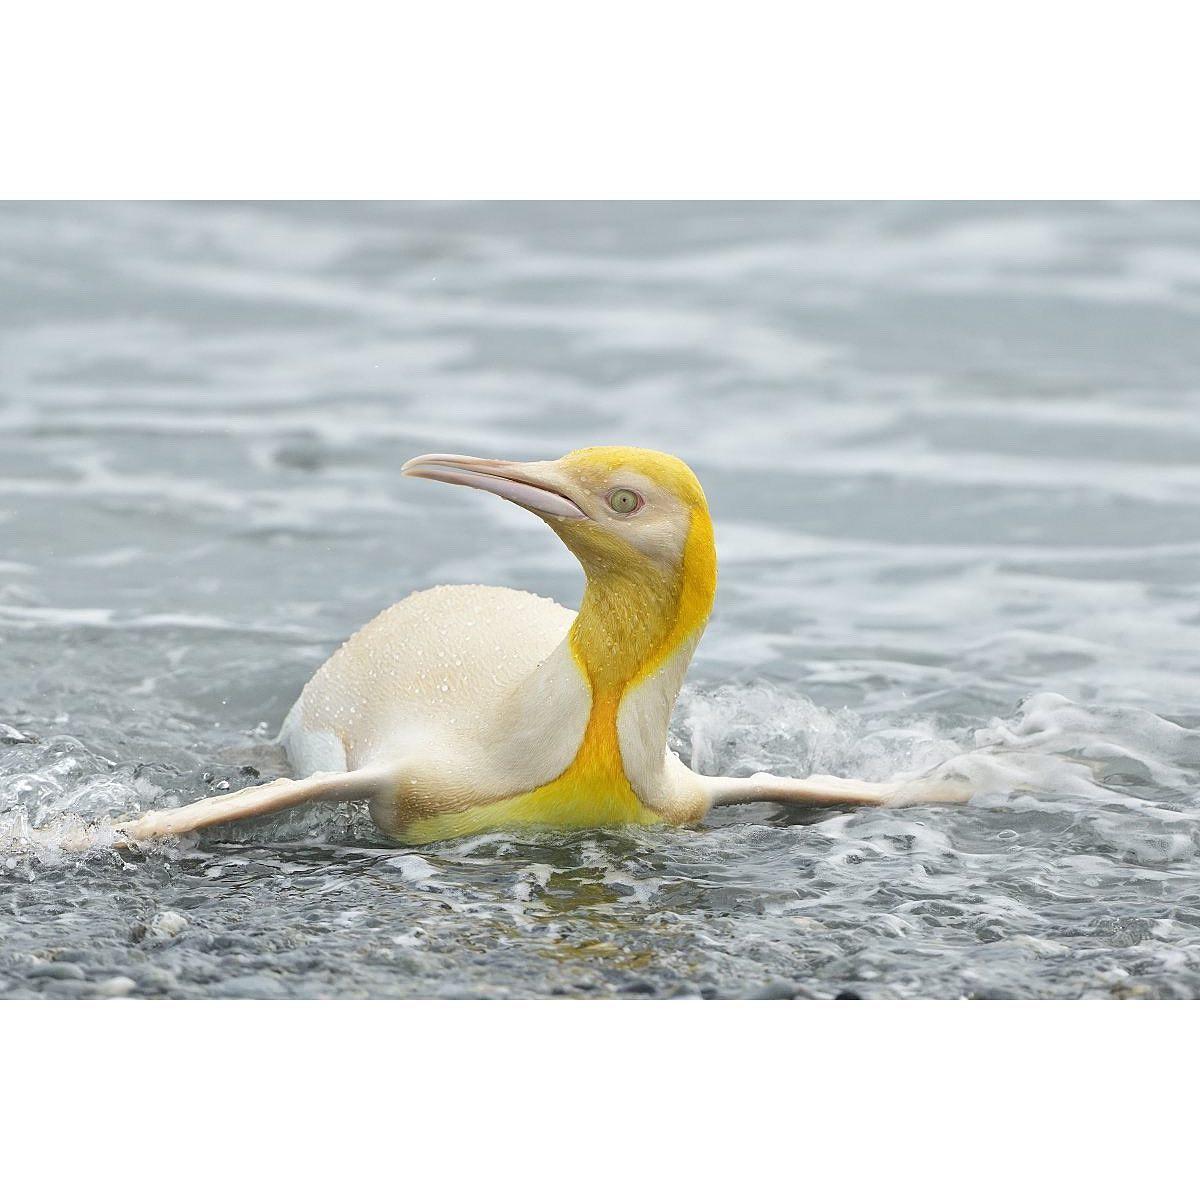 На островах Южной Атлантики нашли первого в мире желтого пингвина